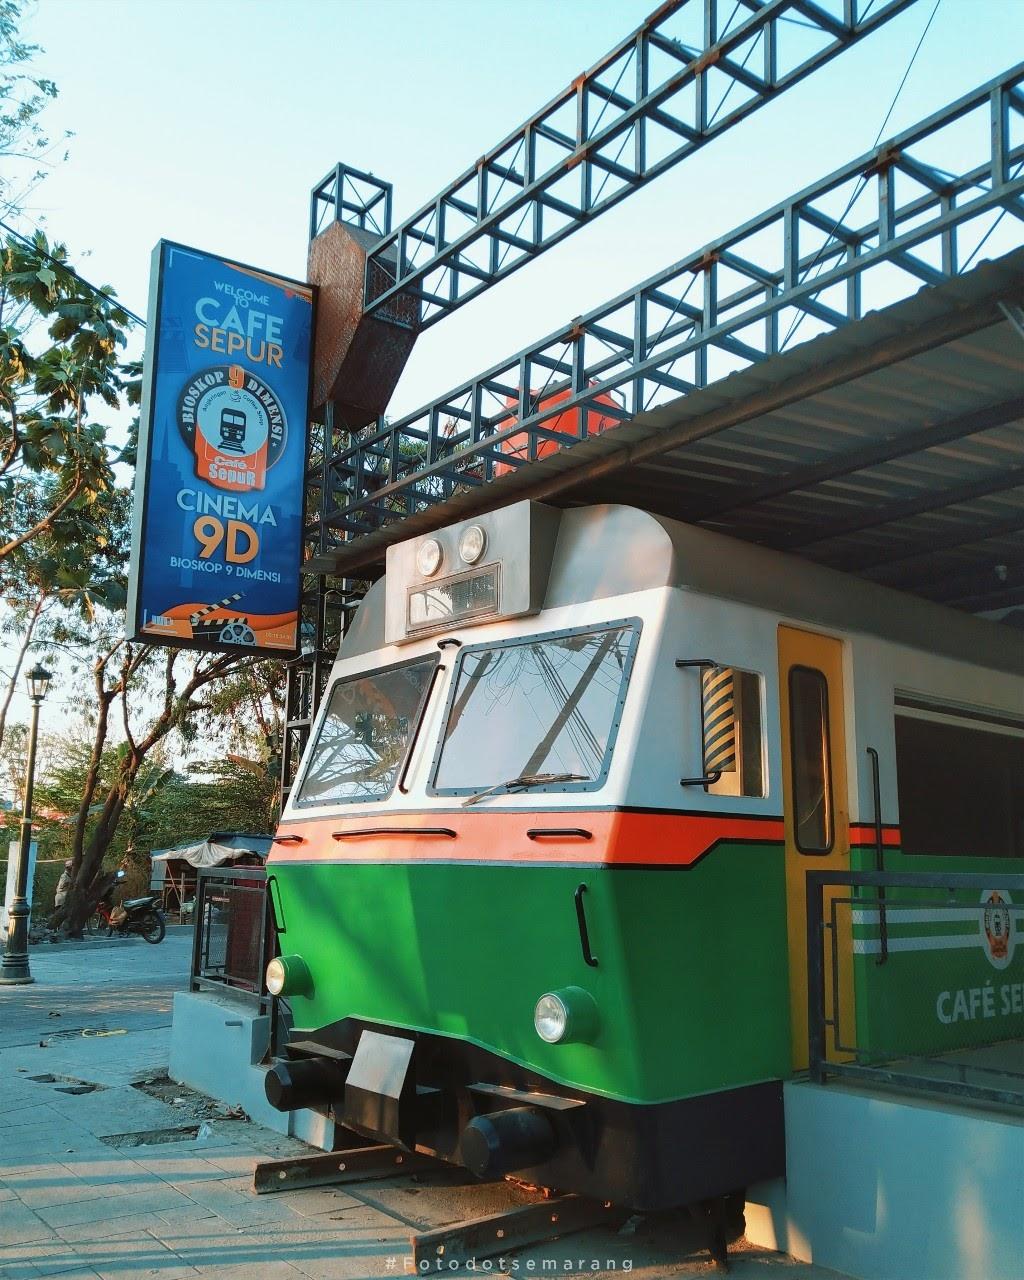 Nonton Bioskop di Cafe Sepur Kota Lama Semarang